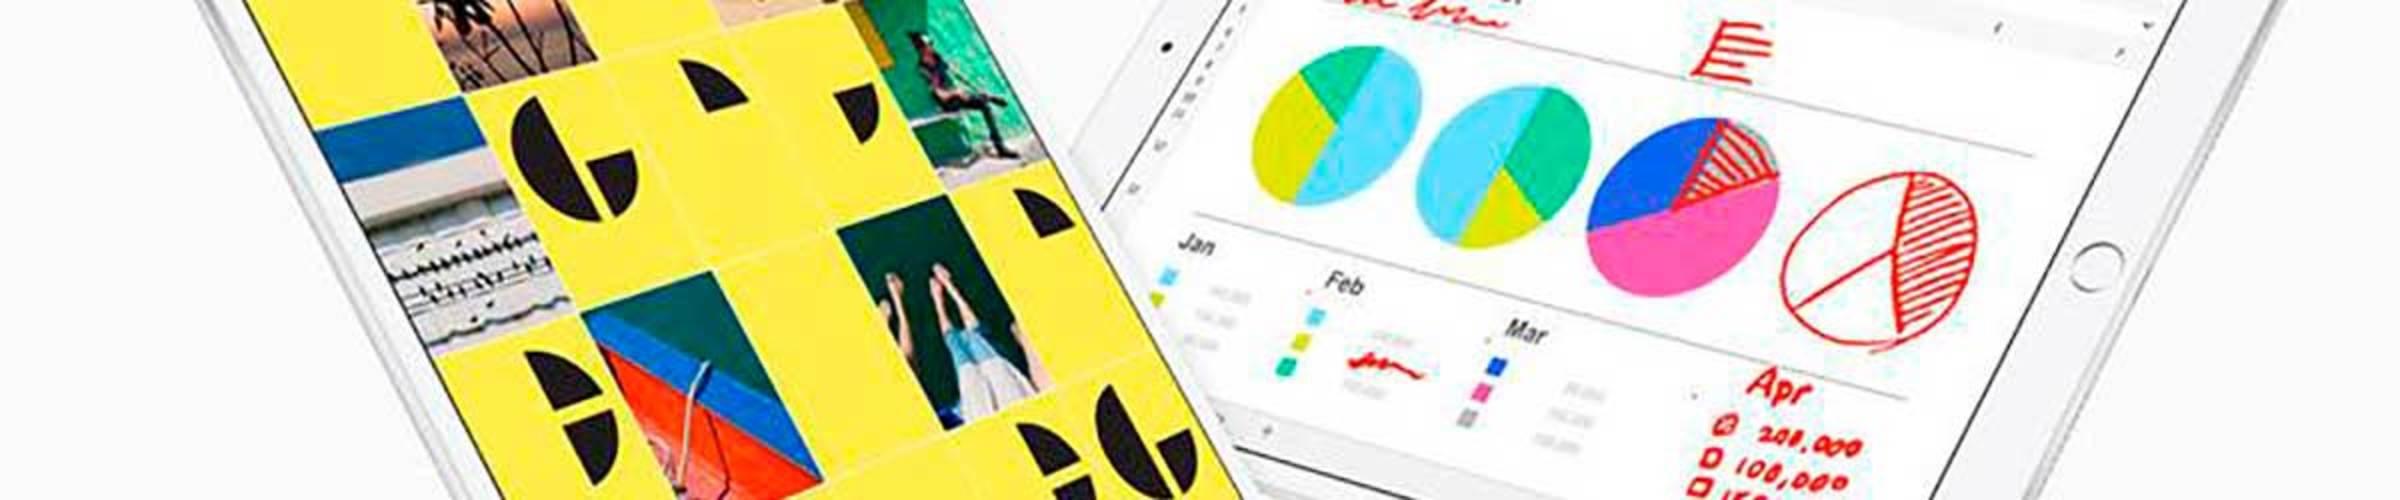 Новый iPad быстрее и мощнее, что изменилось за два года в iPad Pro с диагональю 12.9?